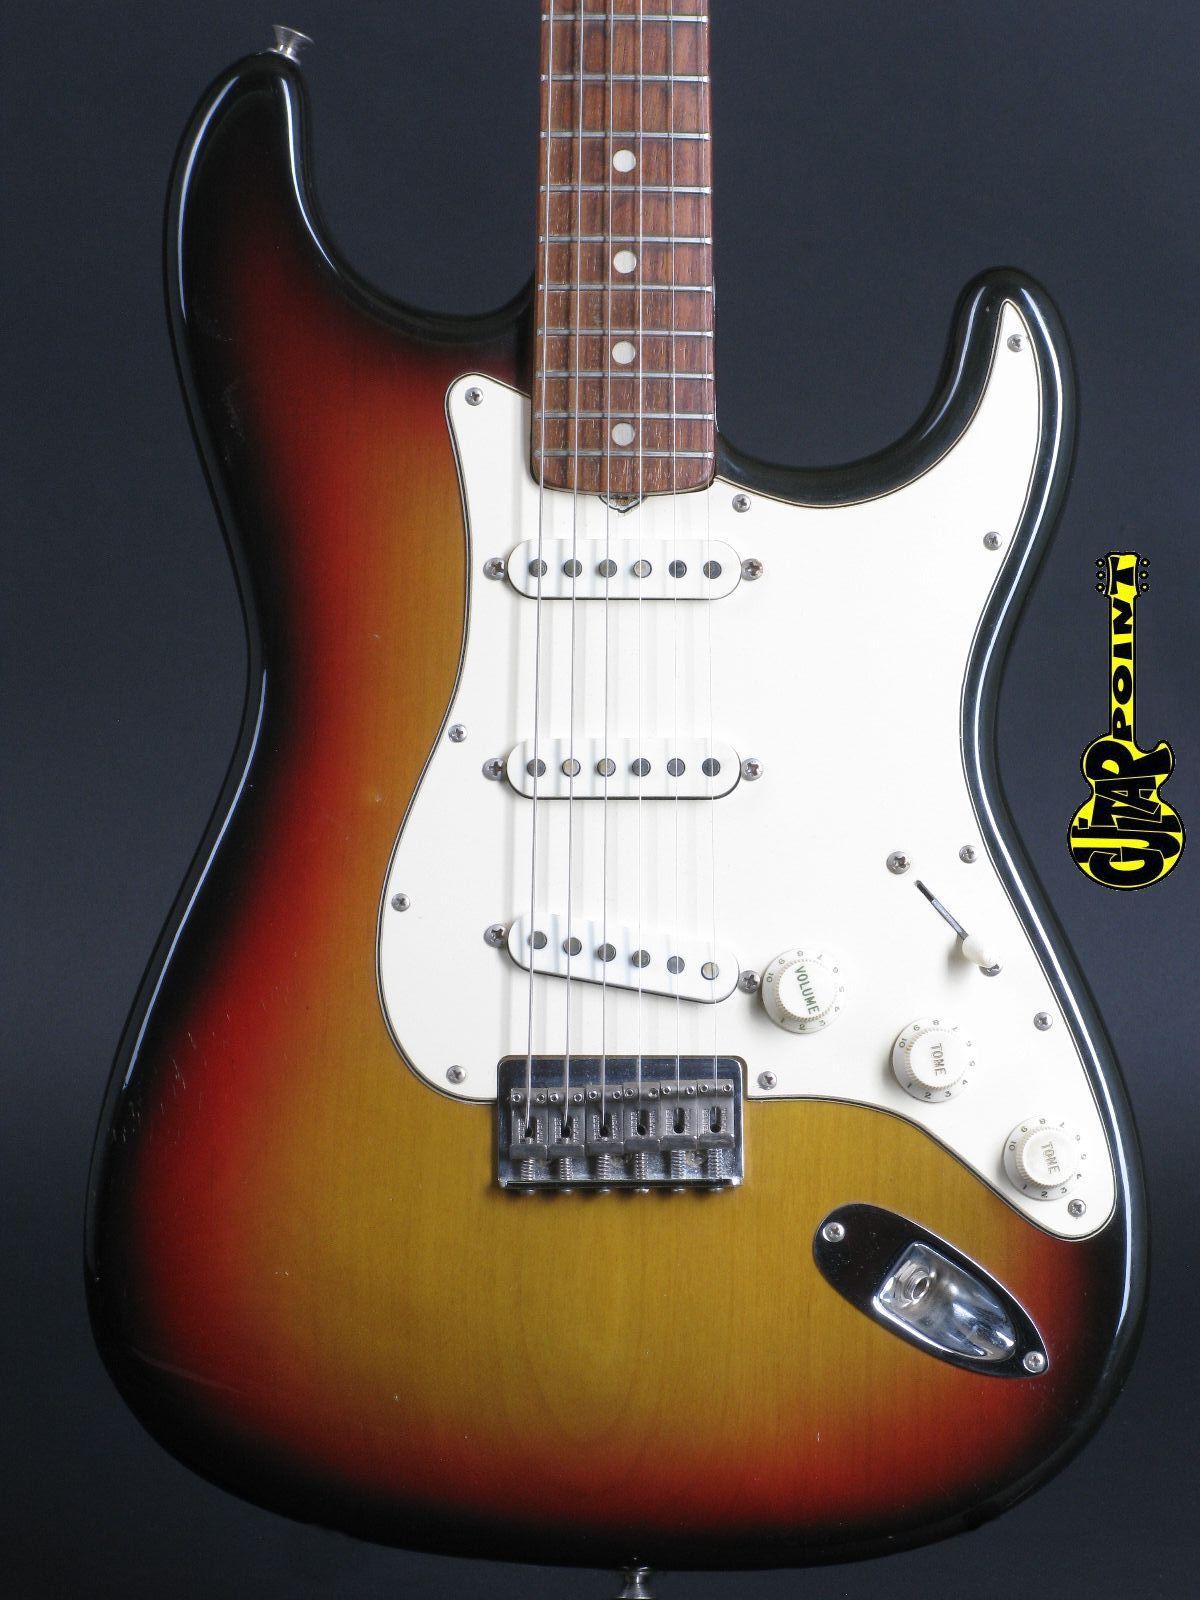 1971 Fender Stratocaster Hardtail - 3-tone Sunburst